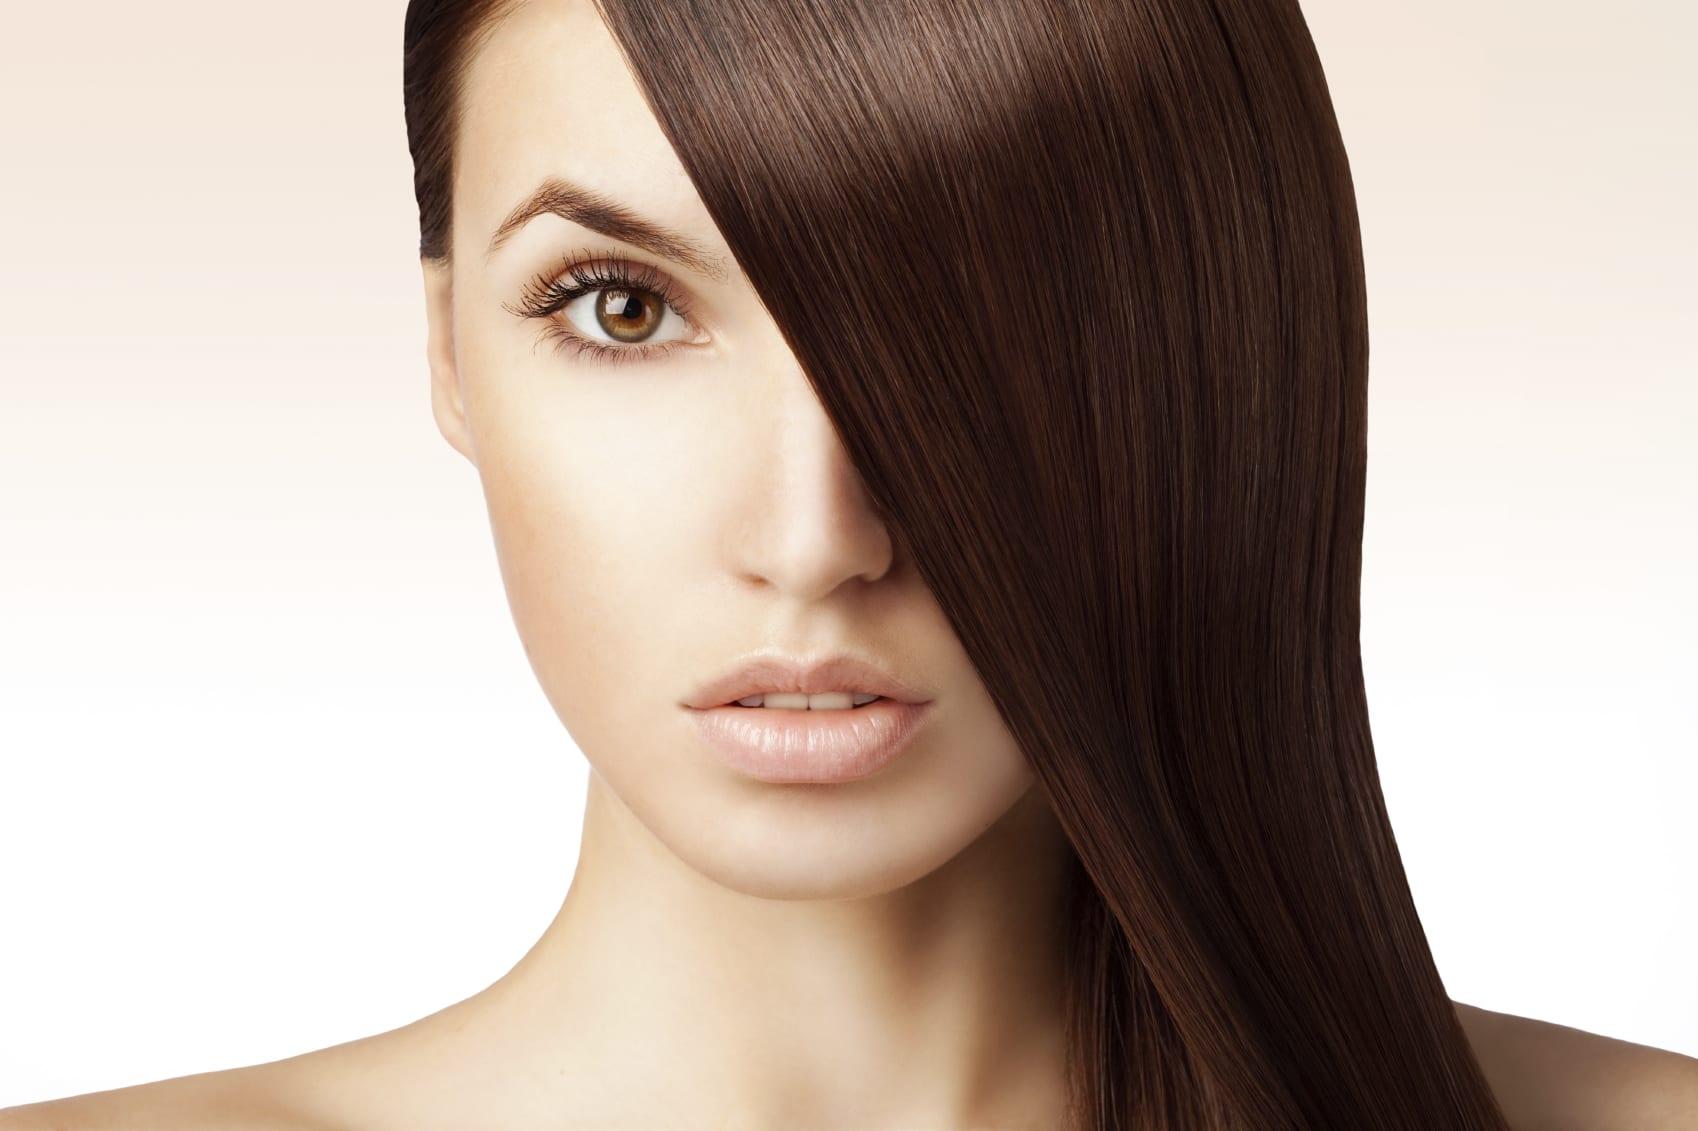 שיער בריא ושופע